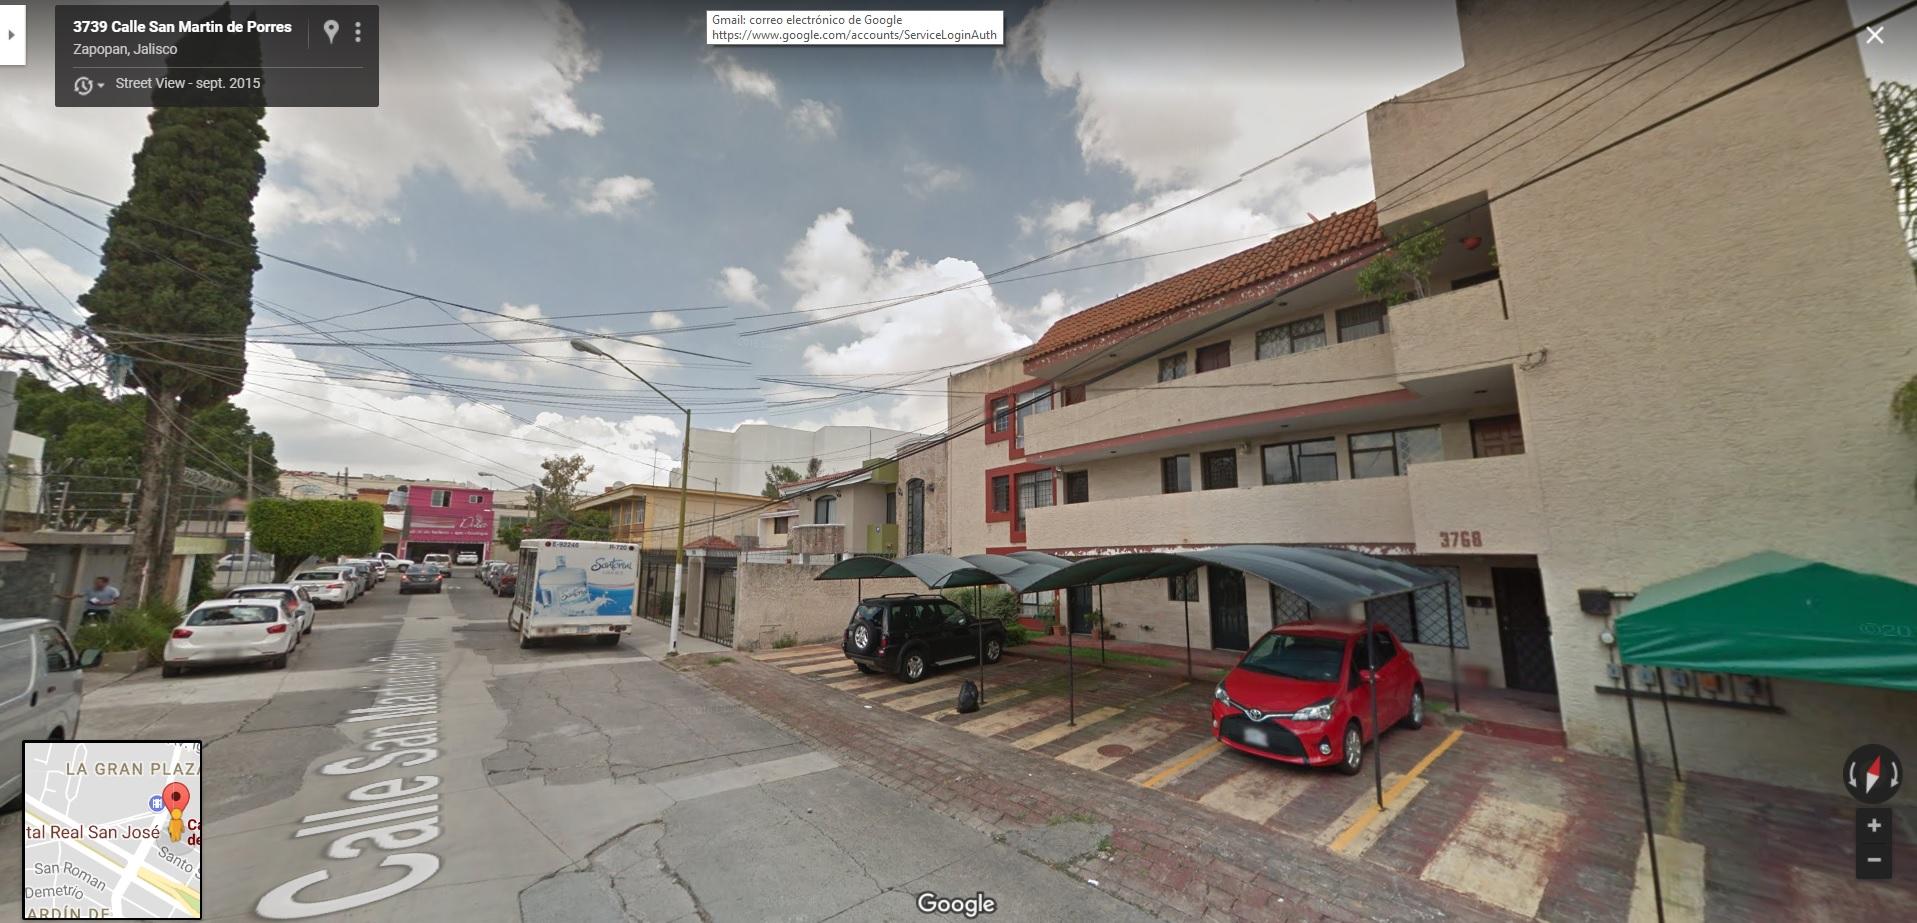 Fracc. Jardines De San Ignacio, Calle San Martin De Porres 3768-Depto. No. 6